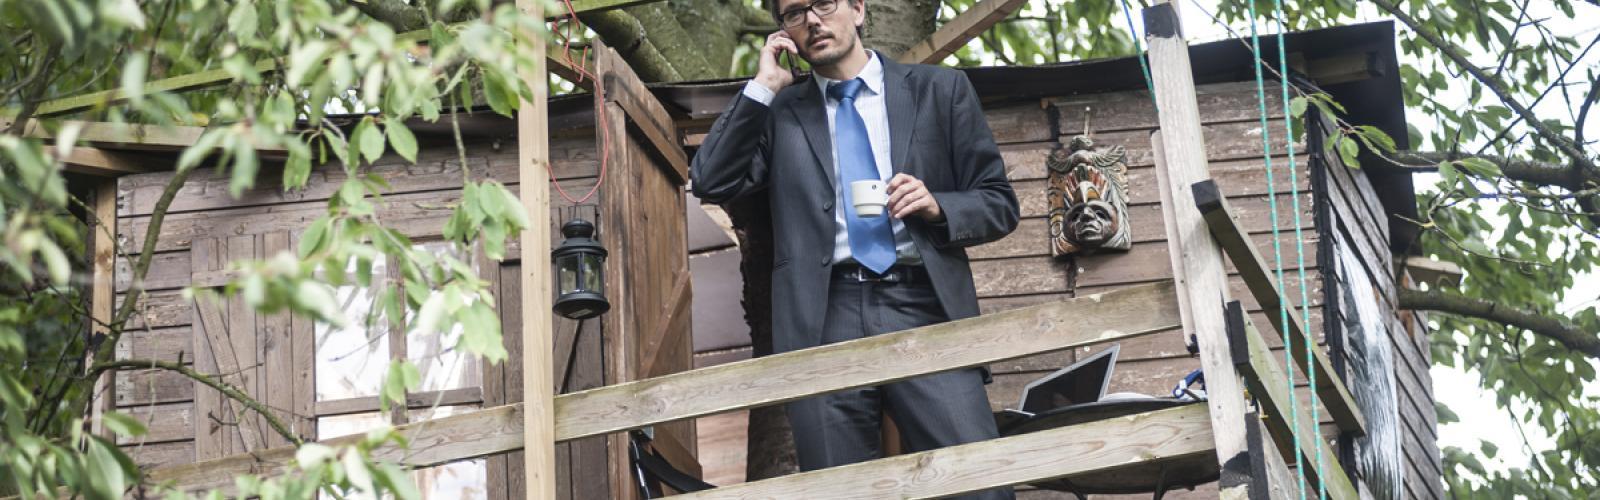 Persoon belt met gsm en drinkt koffie in een boomhut